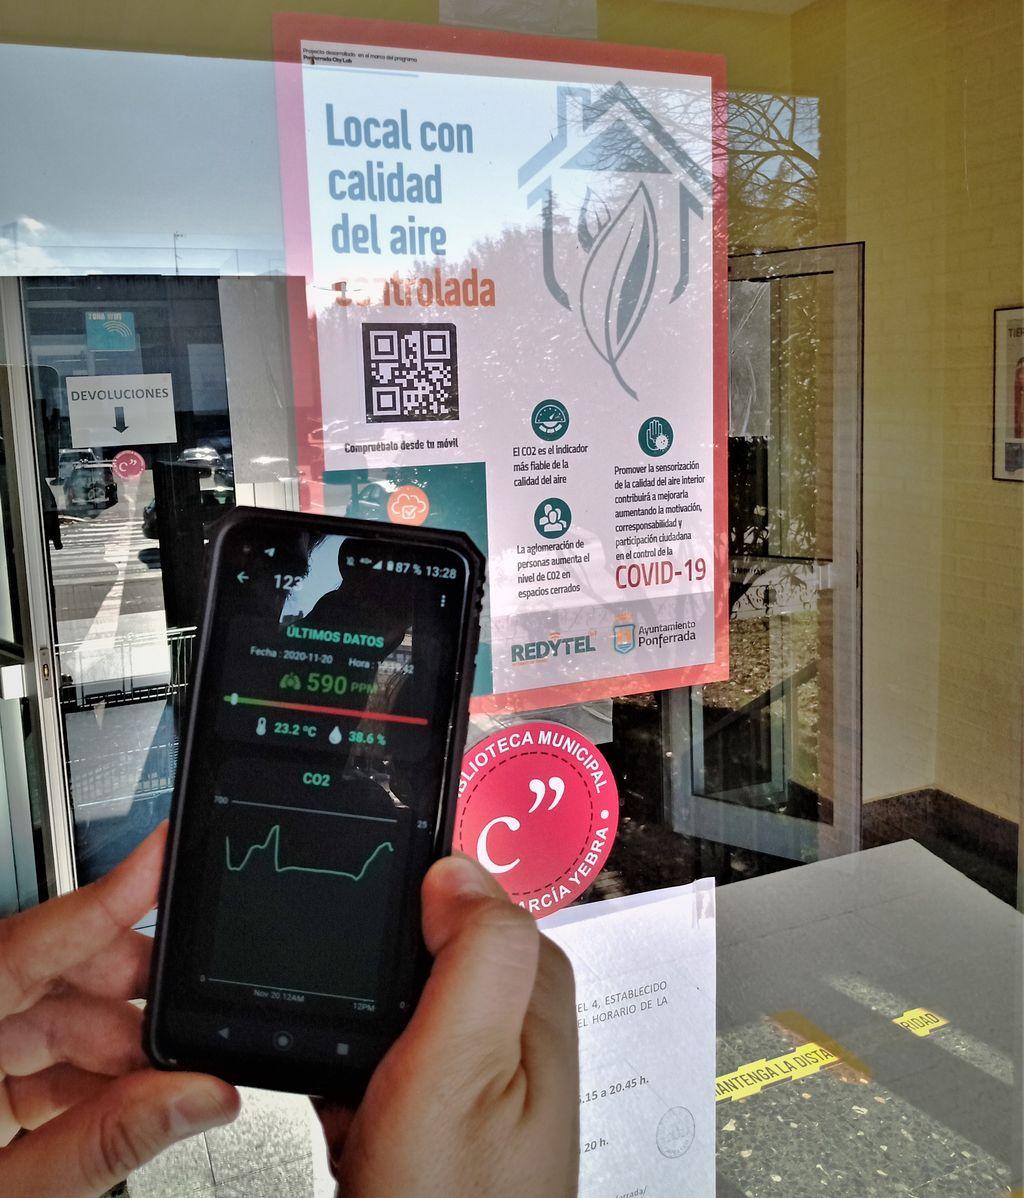 La aplicación permite ver la calidad del aire antes de entrar a un establecimiento.